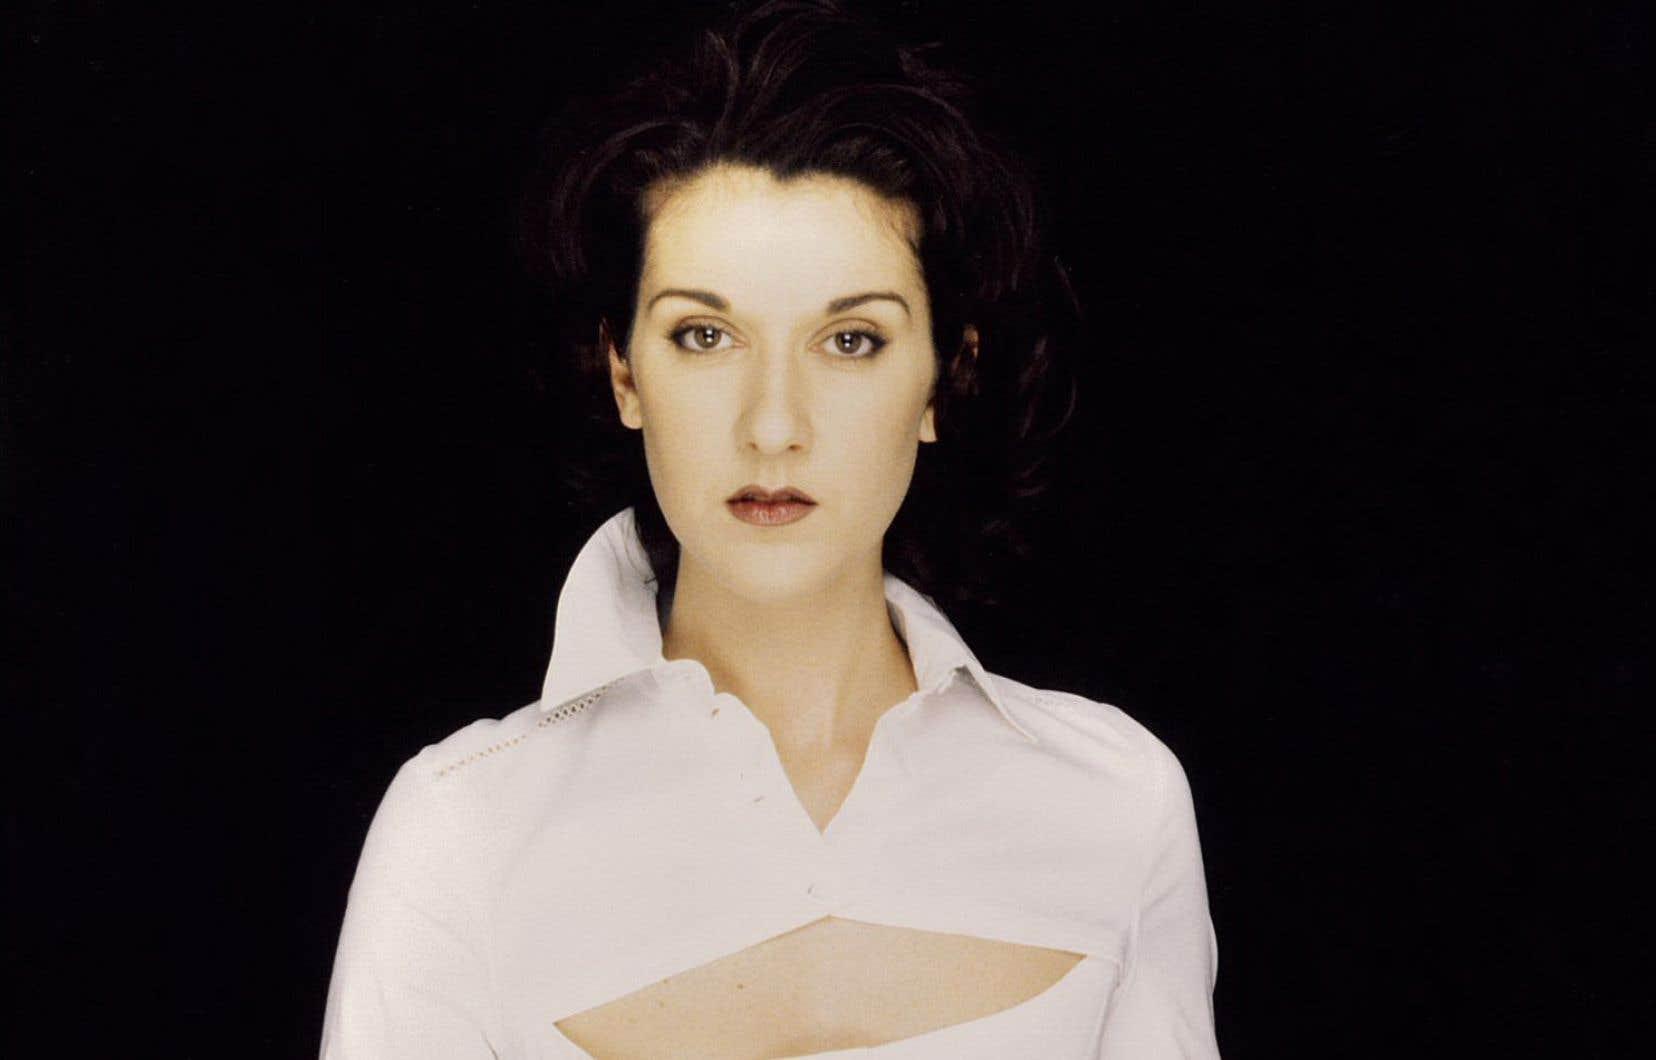 Que l'album porte le titre «D'eux» signale aussi une volonté de mettre en avant l'influence de la chanteuse sur sa création.